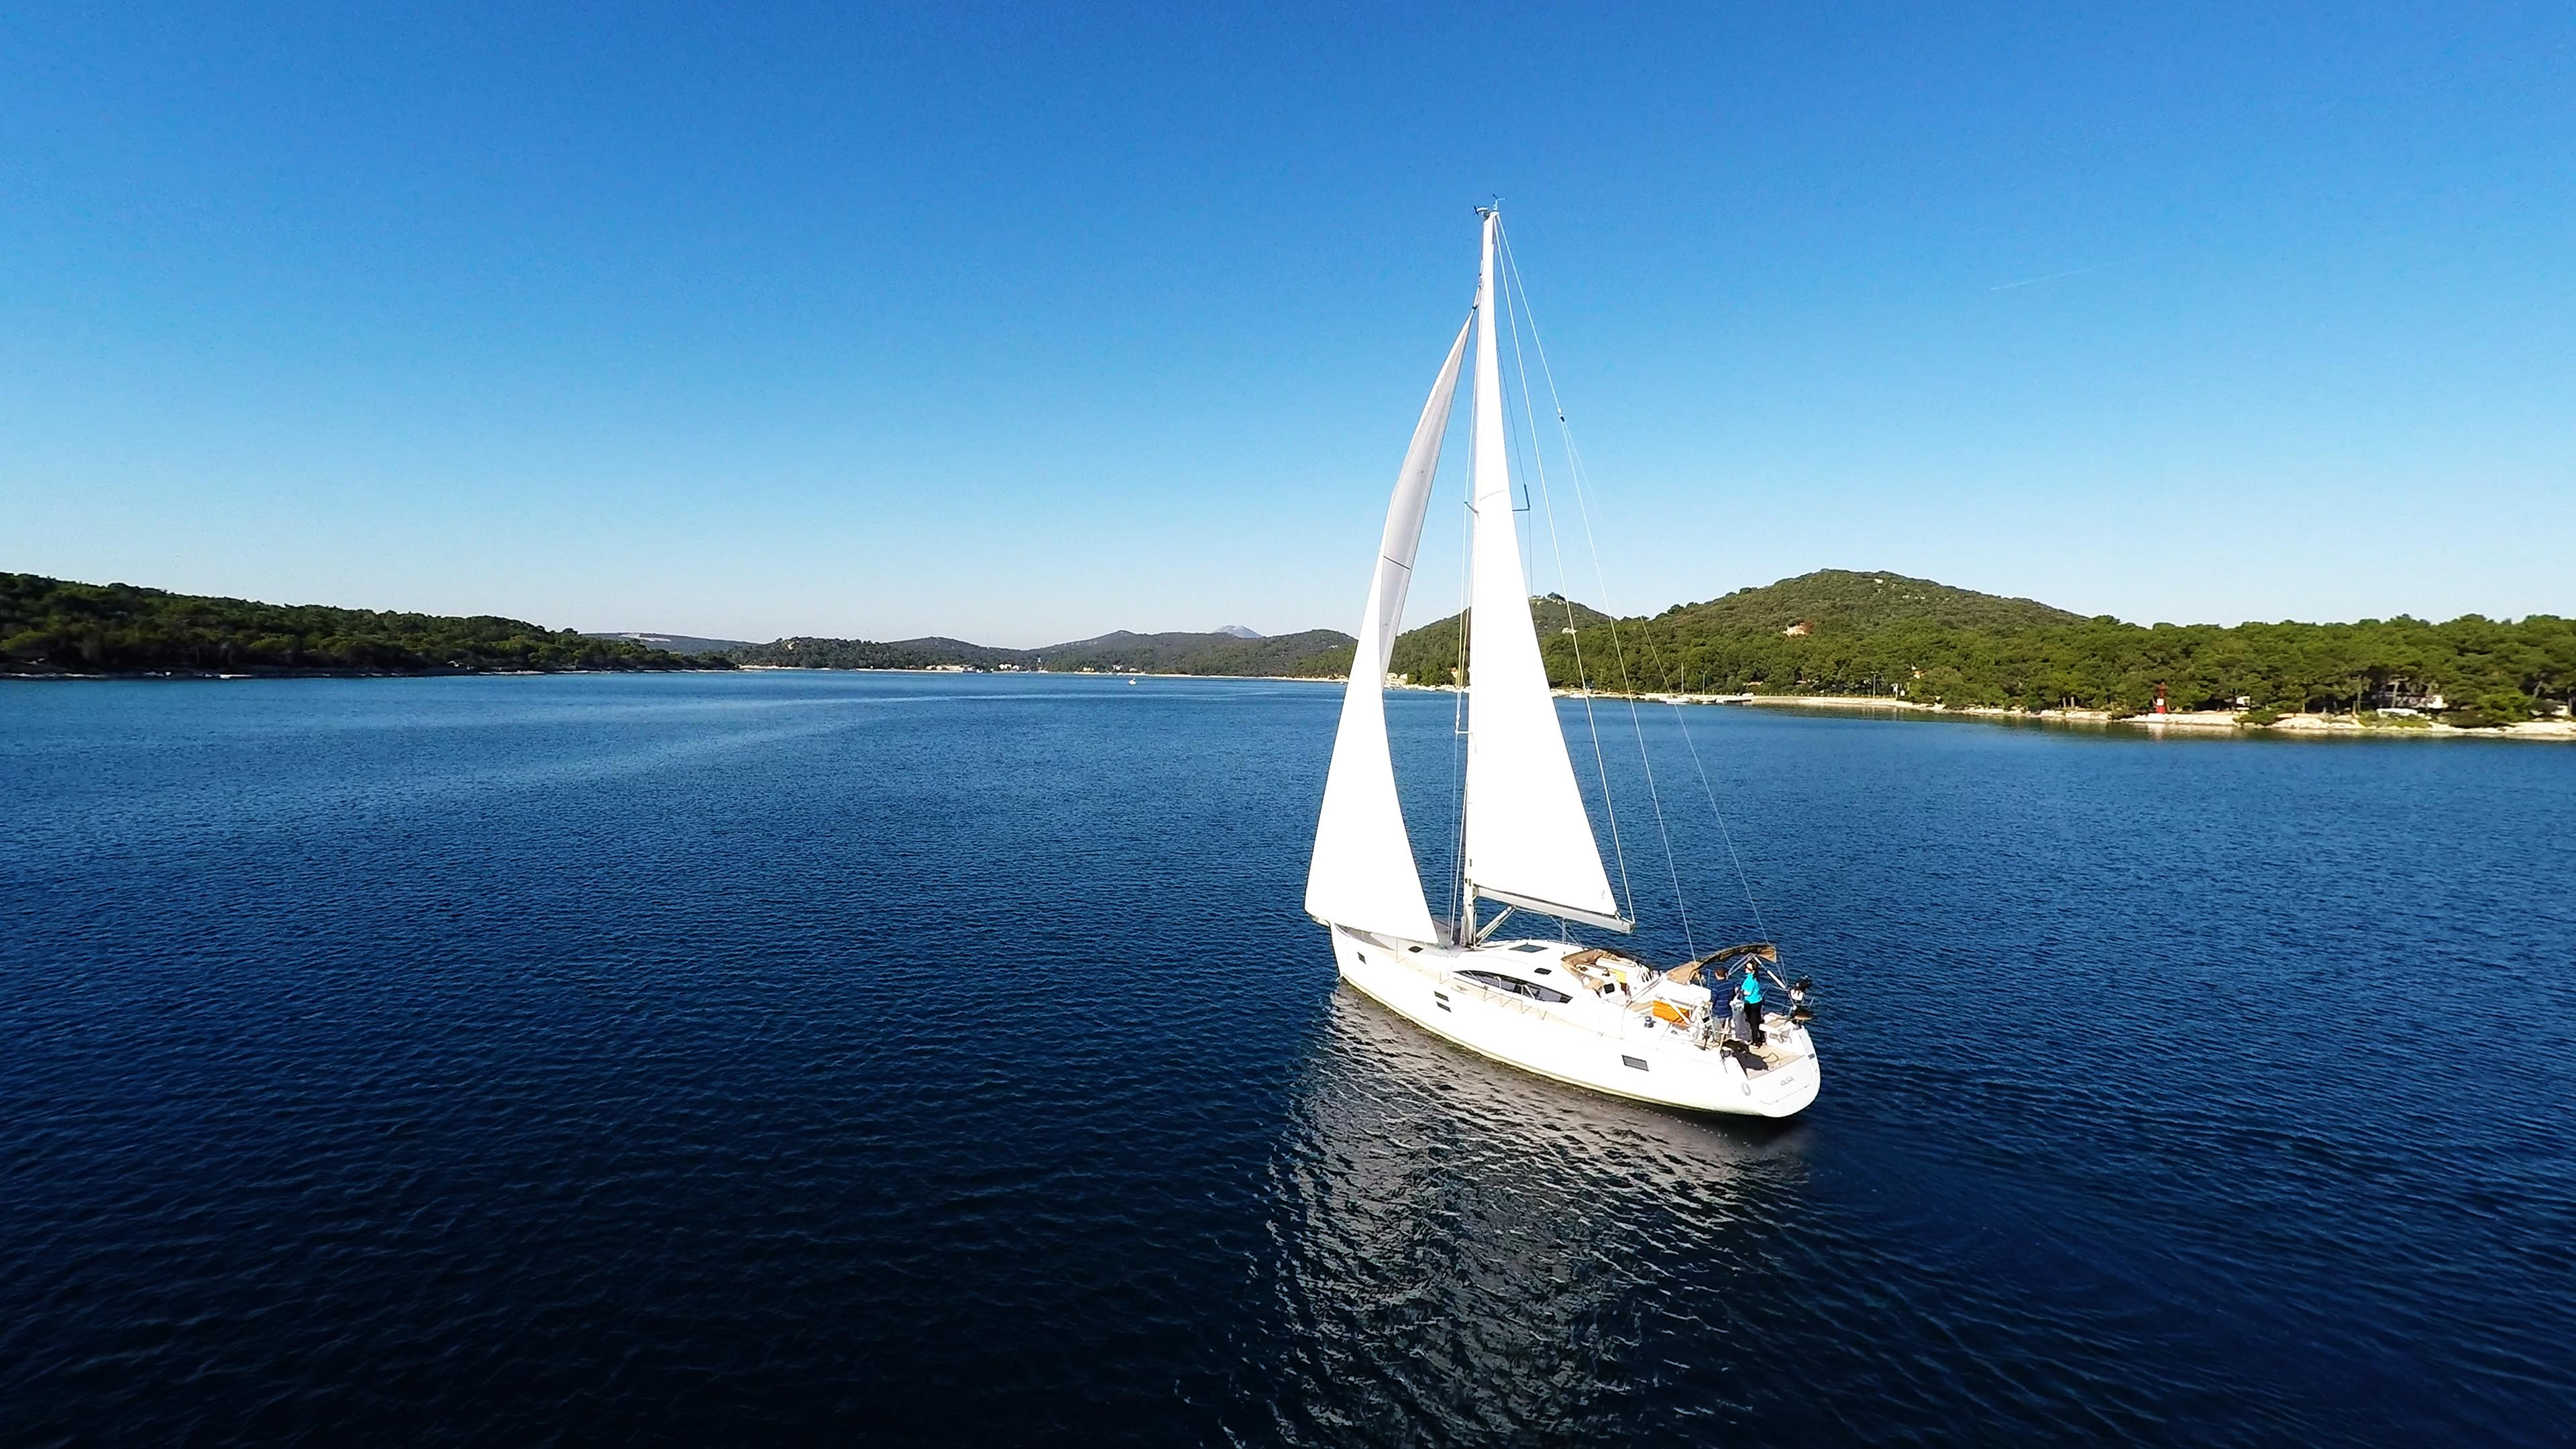 bateau à voile ciel bleu baie de mer voilier bateau à voile mali losinj Croatie